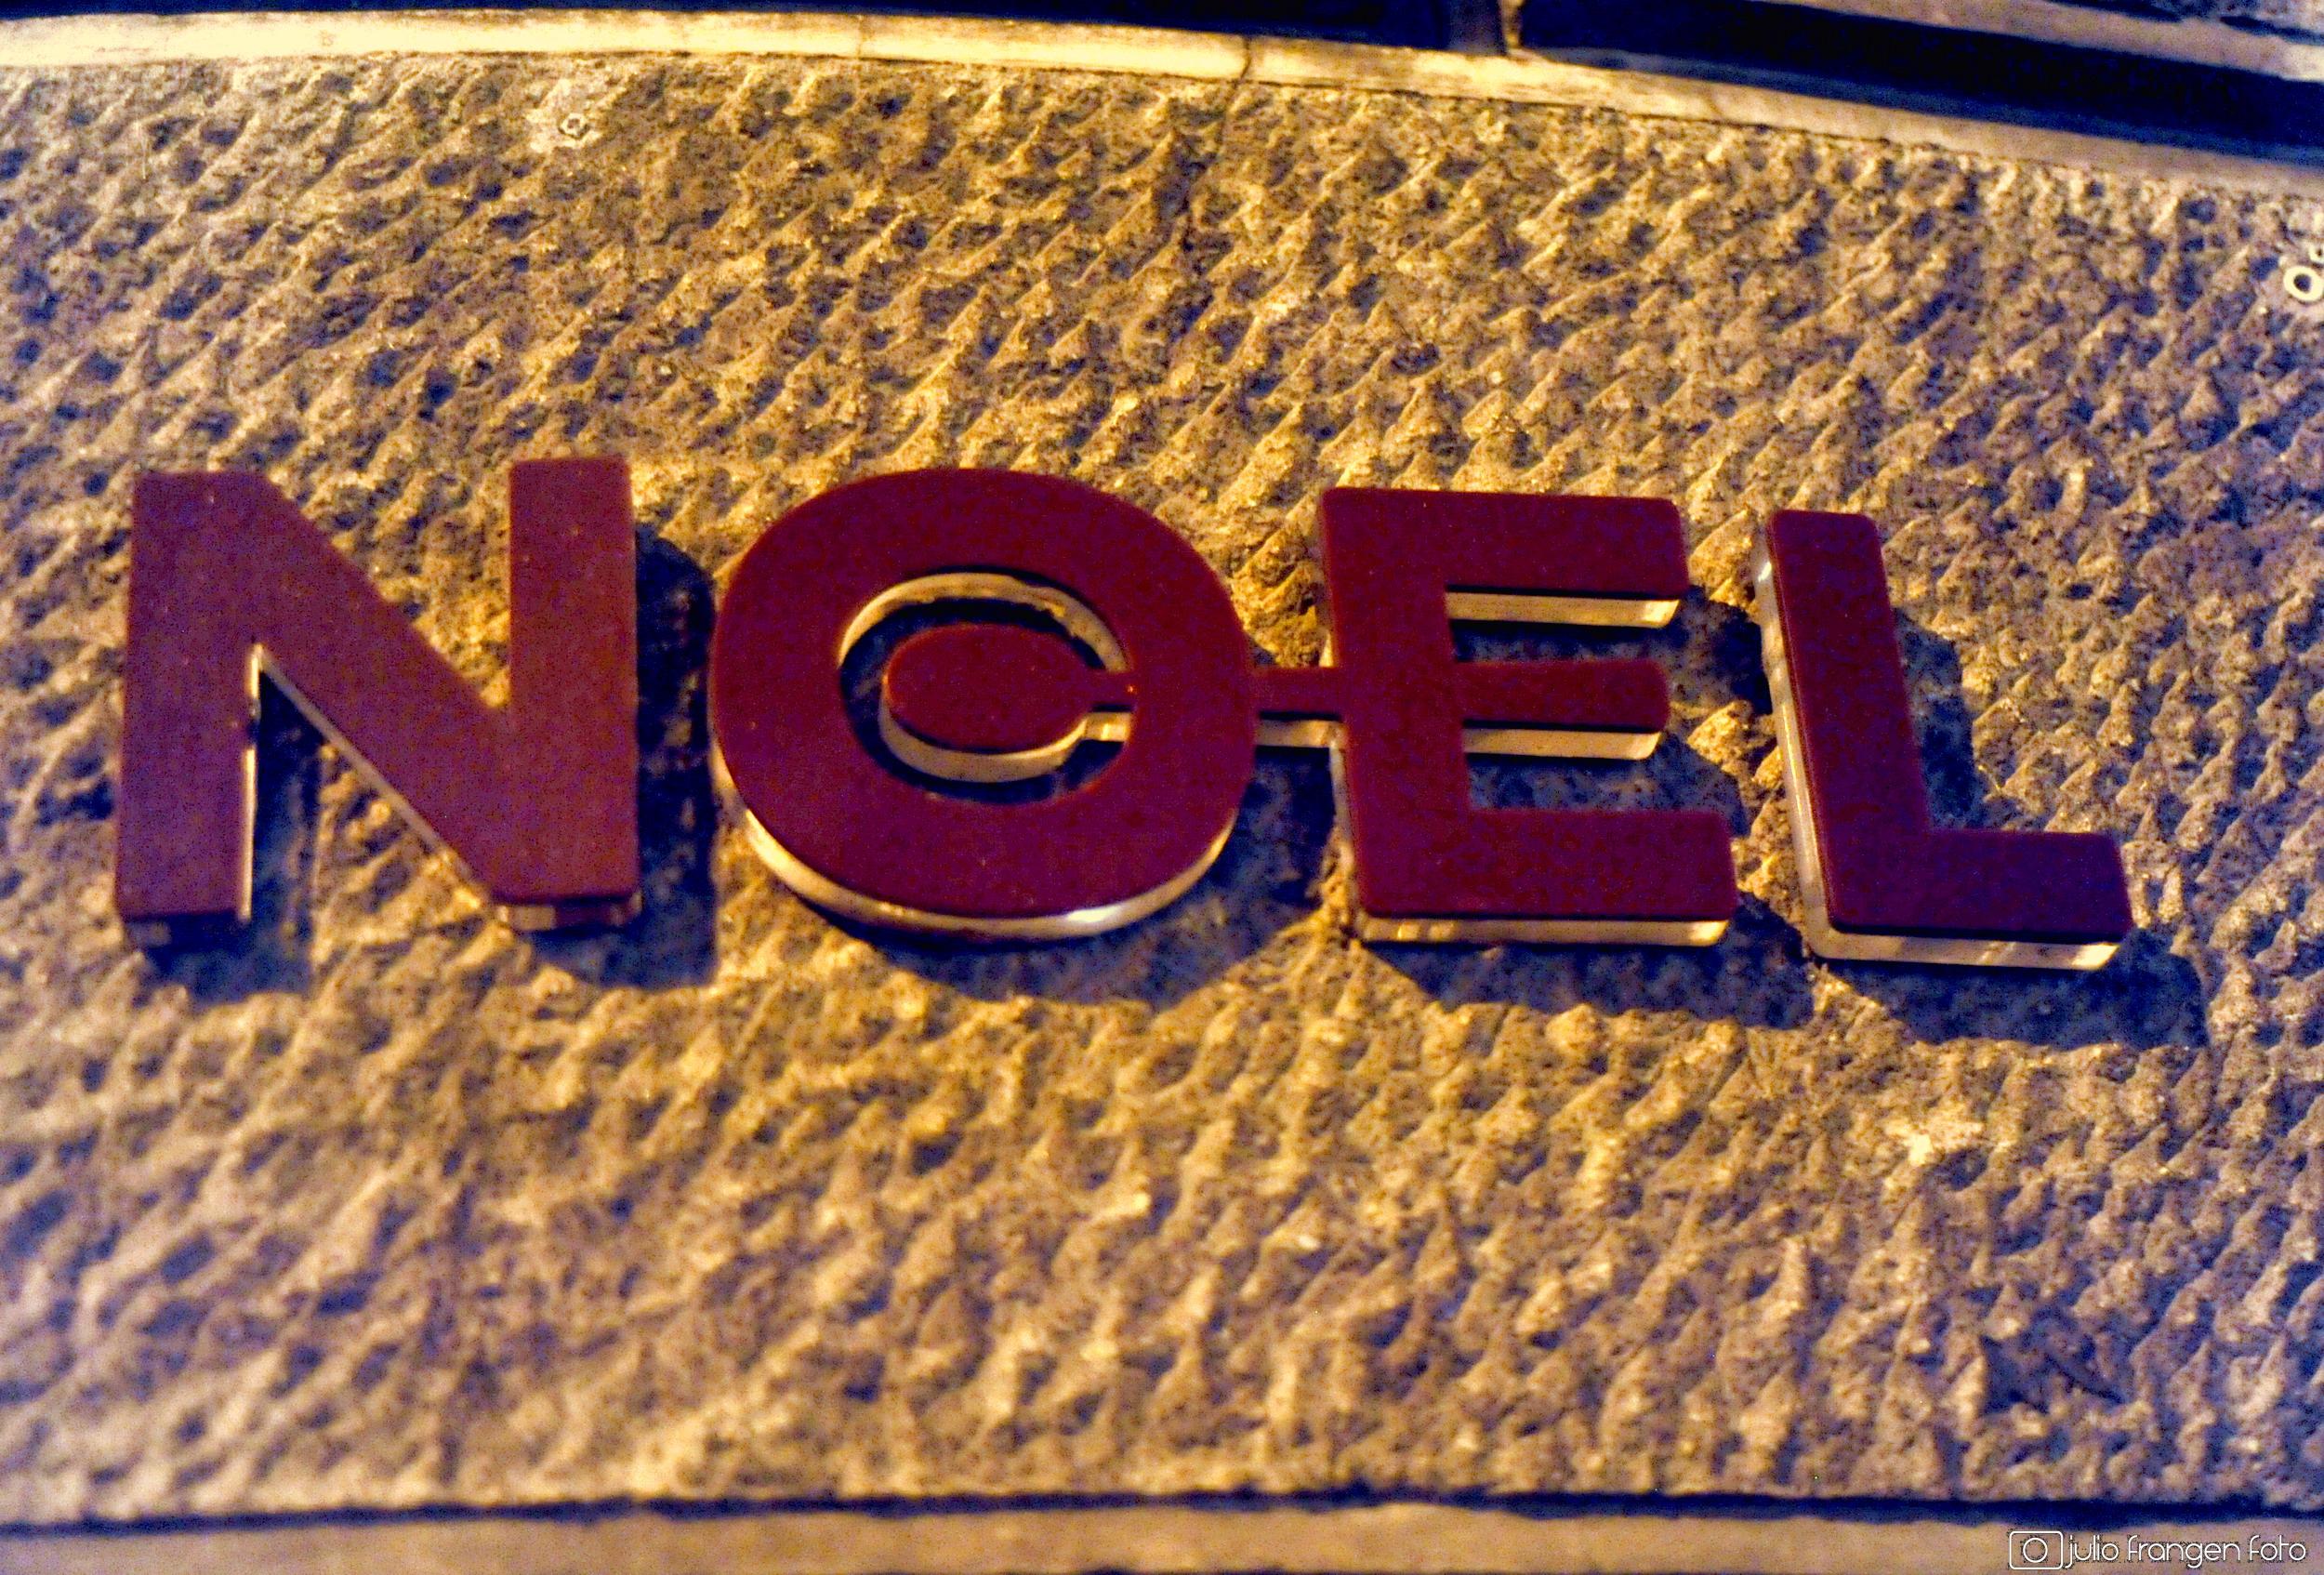 NOEL najbolji restoran u Zagrebu!